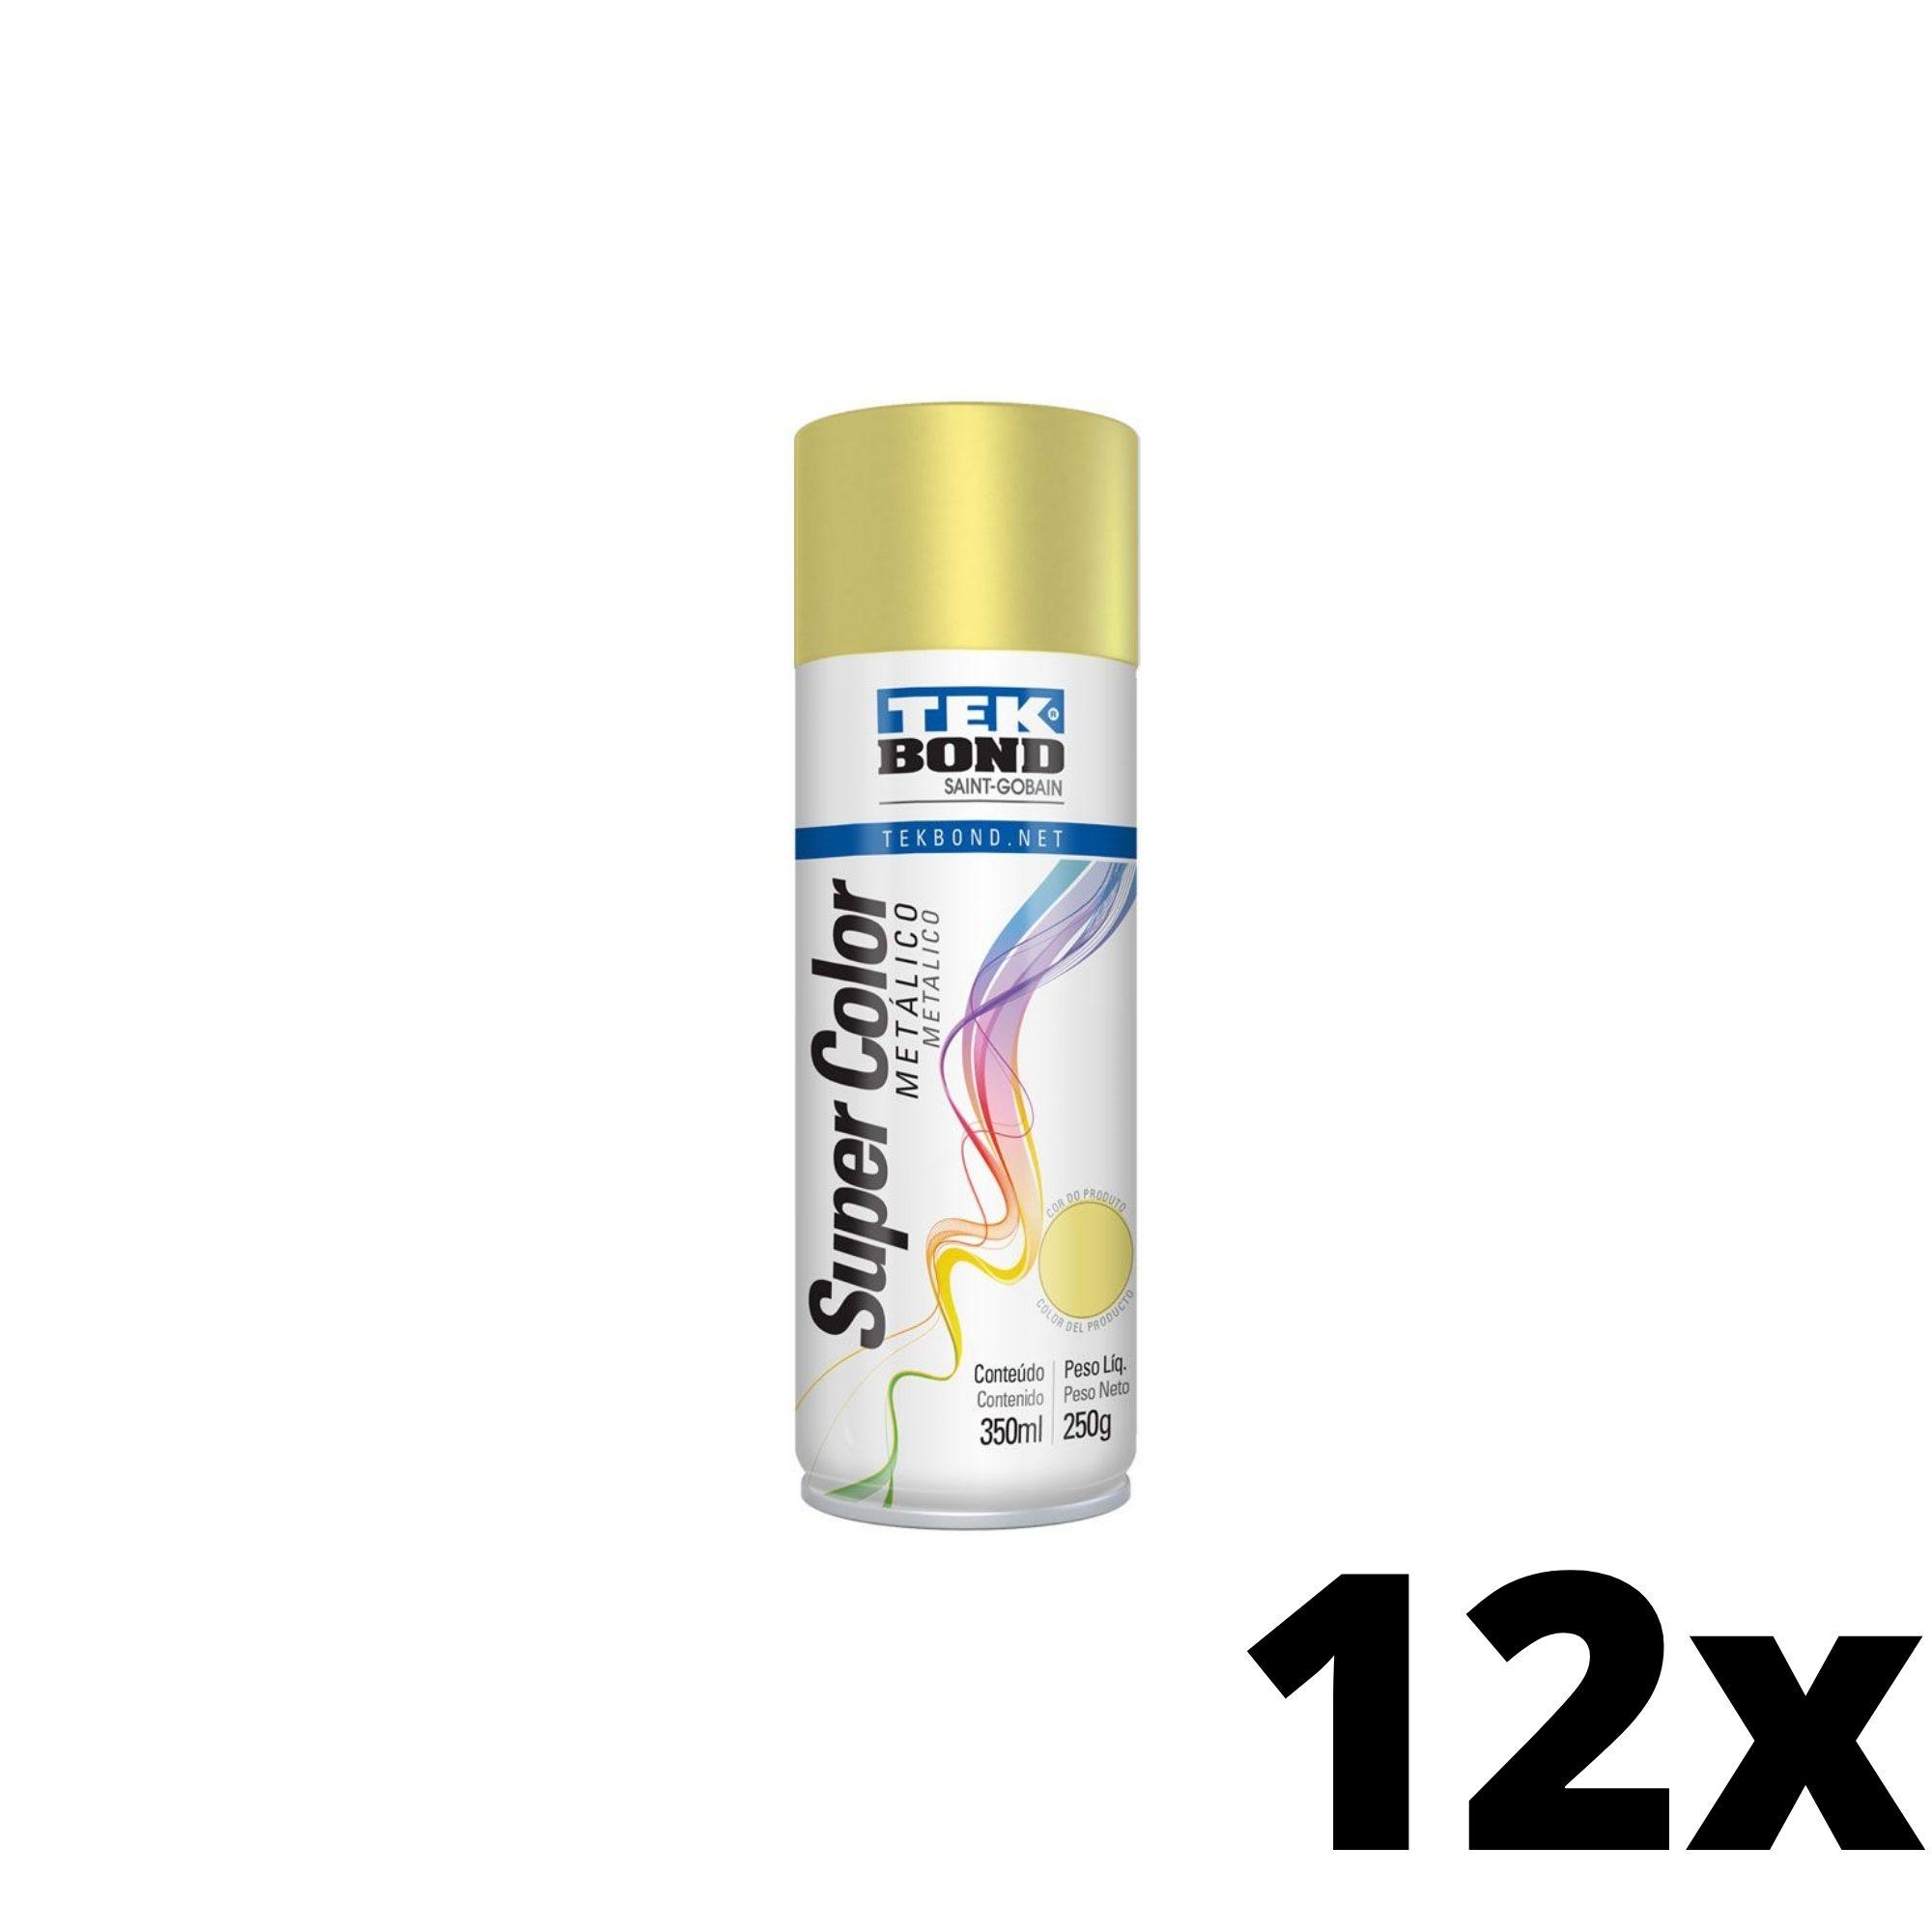 Kit 12 und Tinta Spray Dourada Metálico